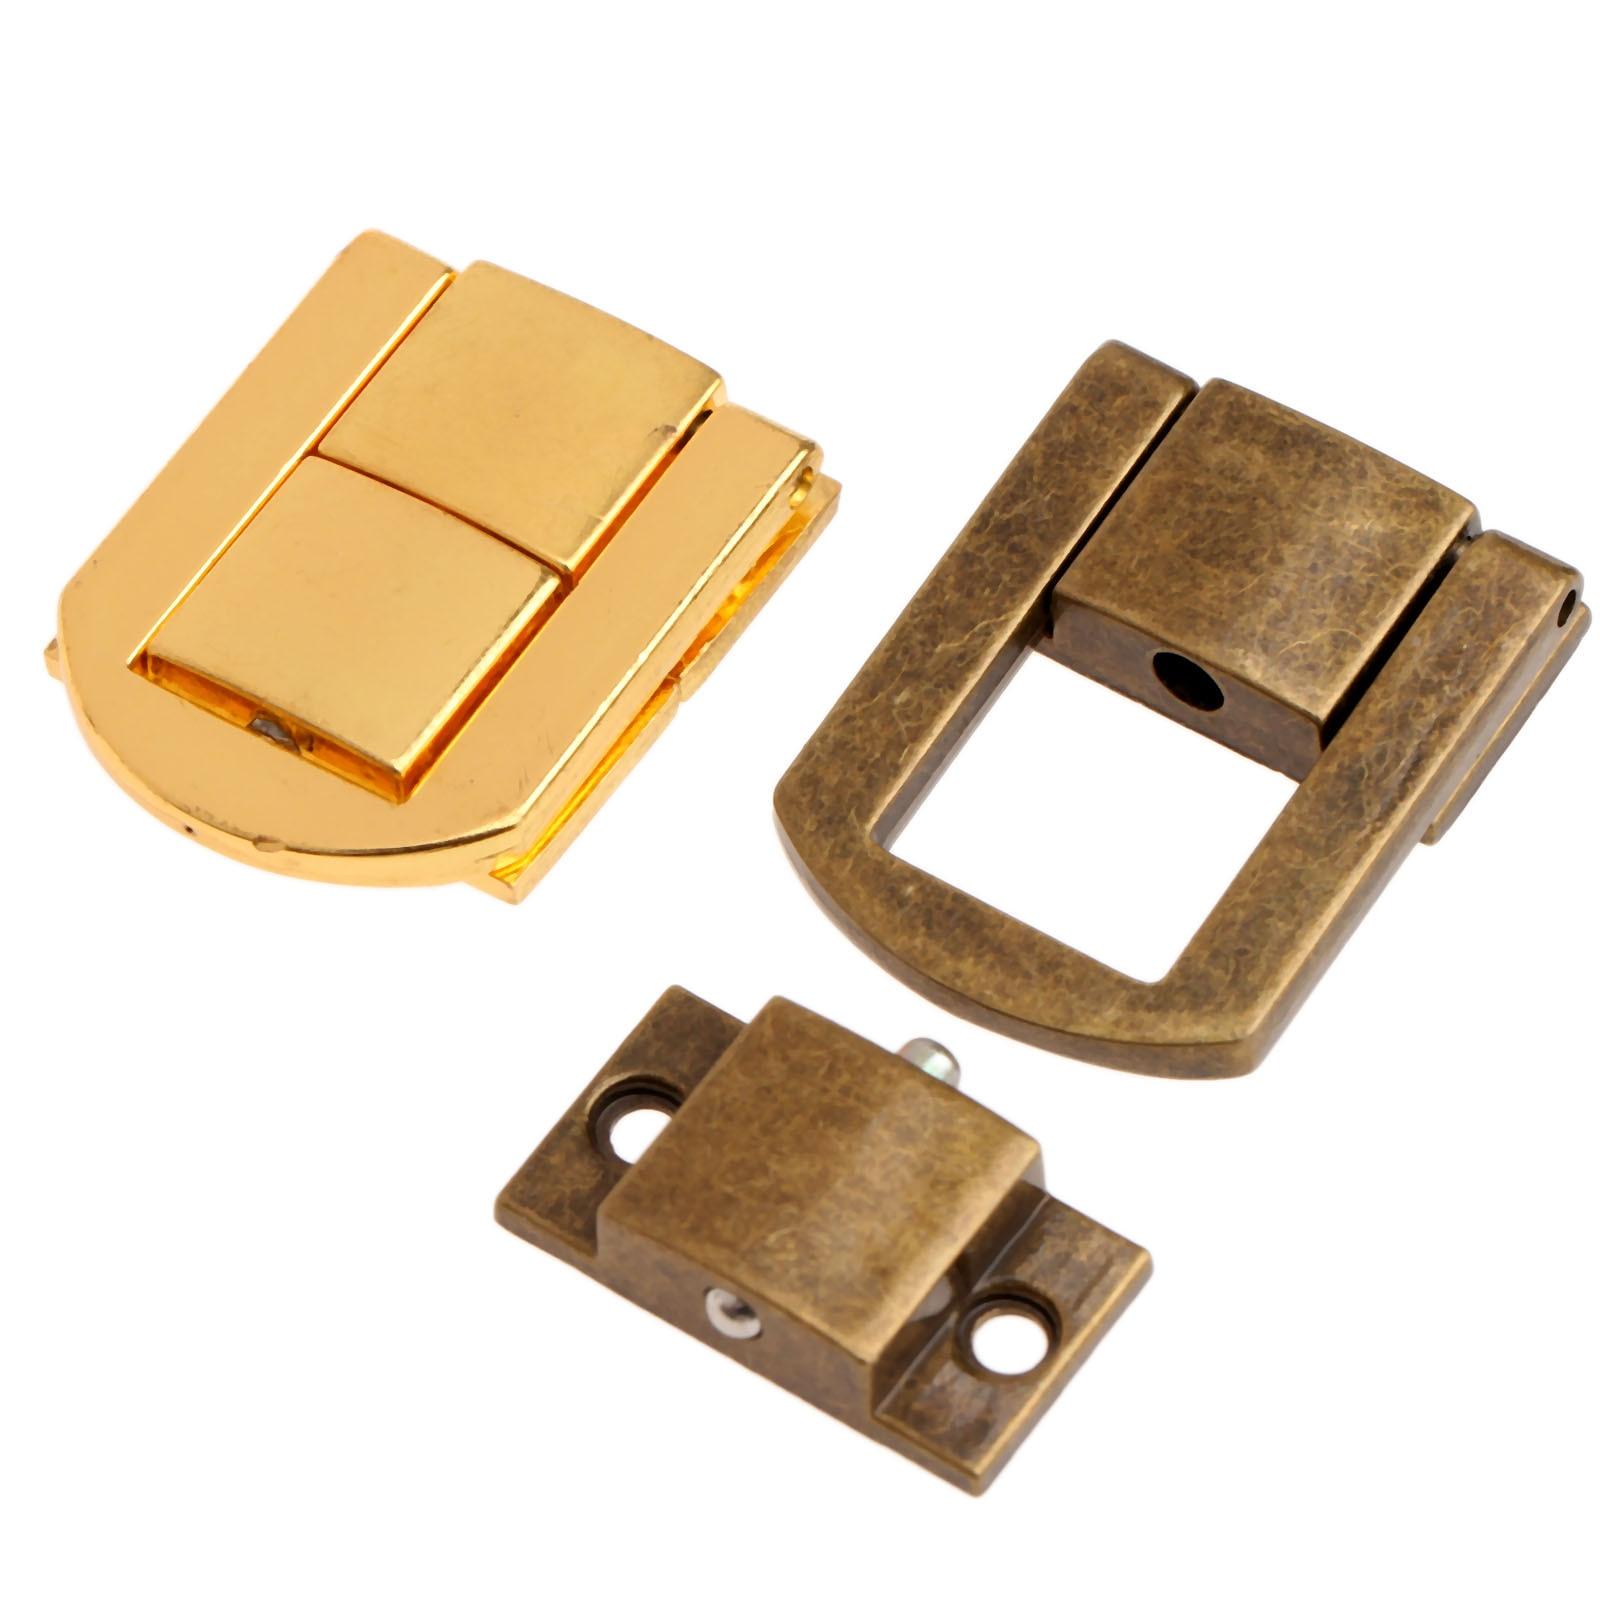 30mm 5 uds. Antiguo cerrojo para caja de Metal cierres de cierre para joyería caja de pecho hebilla para maleta cierre Vintage bronce/oro